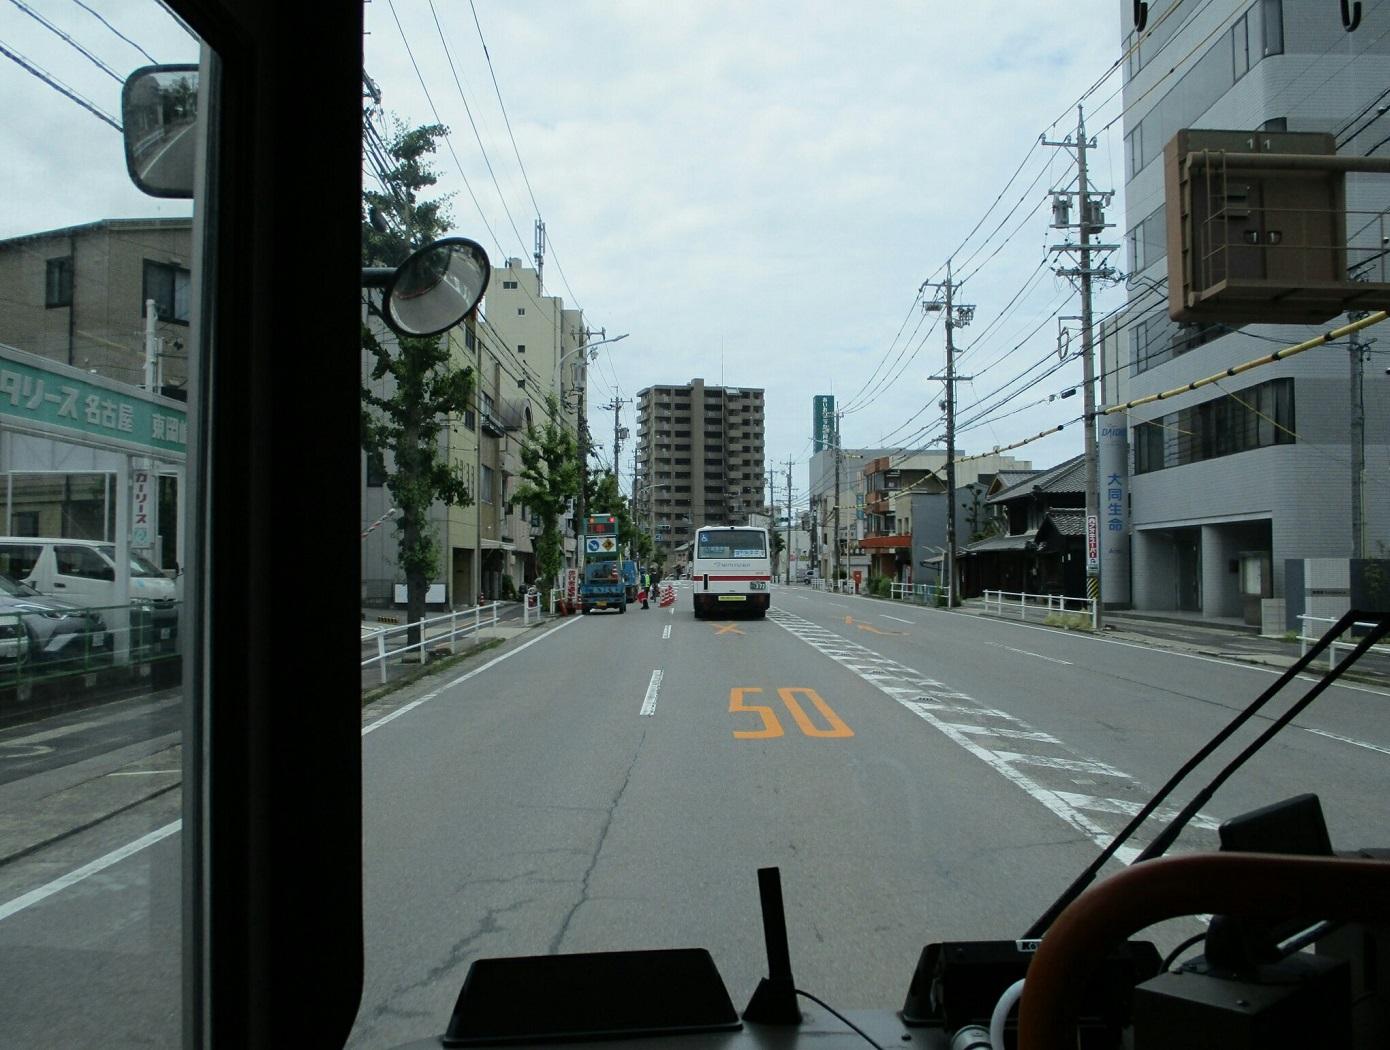 2018.6.19 (5) 美合駅いきバス - 明大寺町バス停 1390-1050